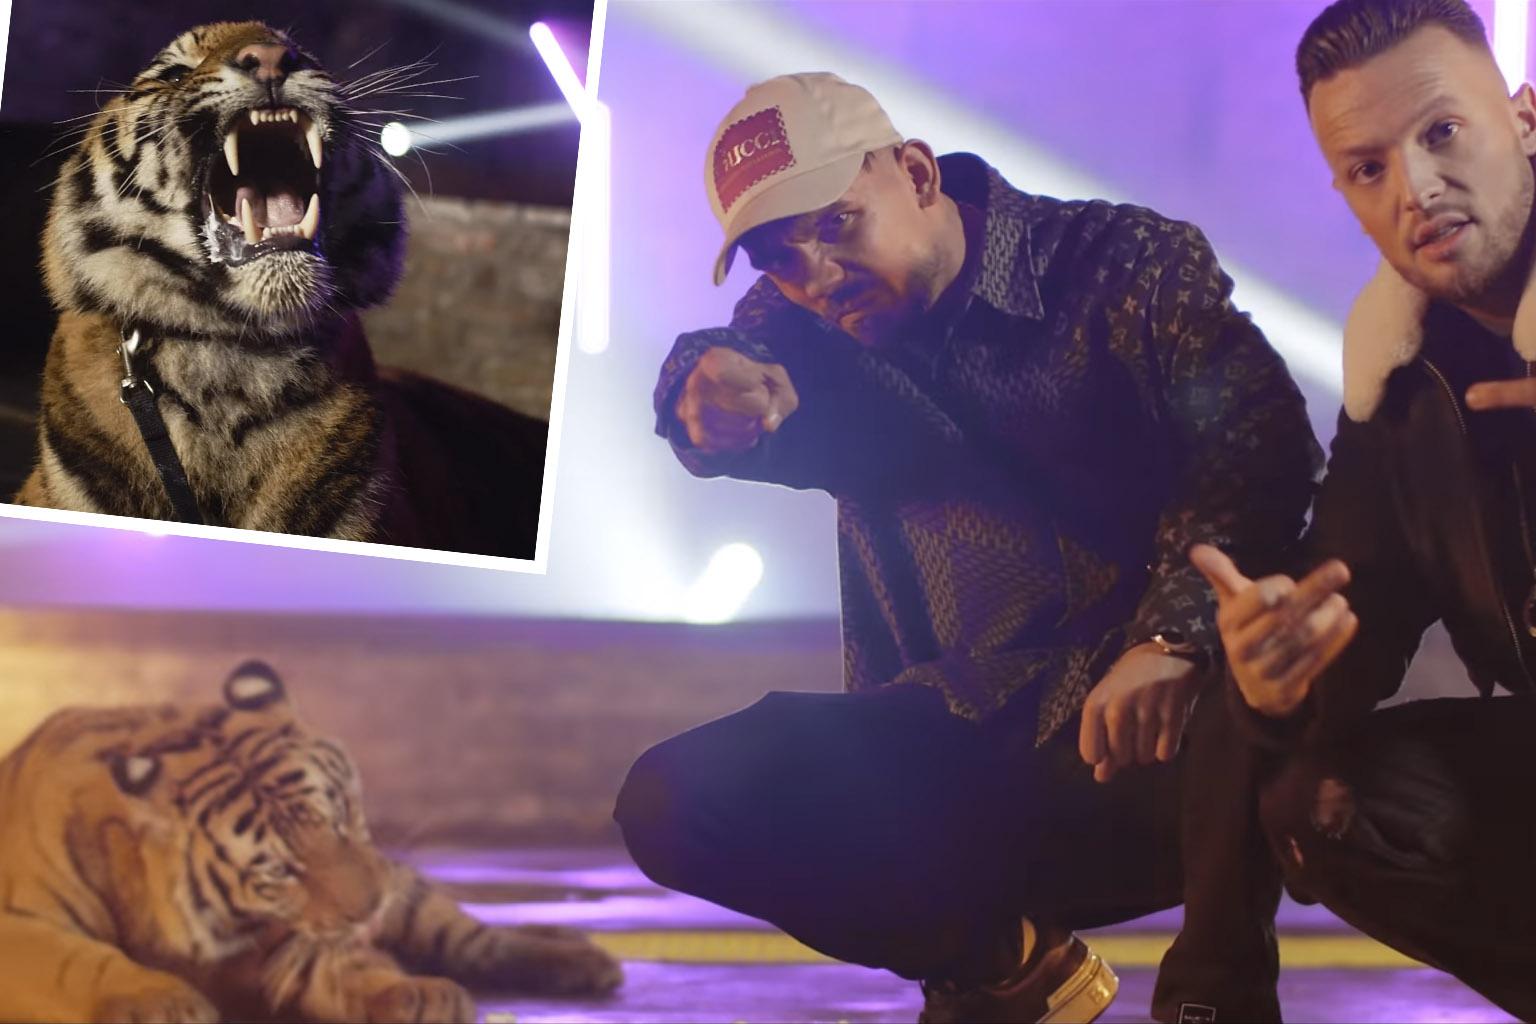 Capital Bra und Azet missbrauchen Tiger für neues Musikvideo